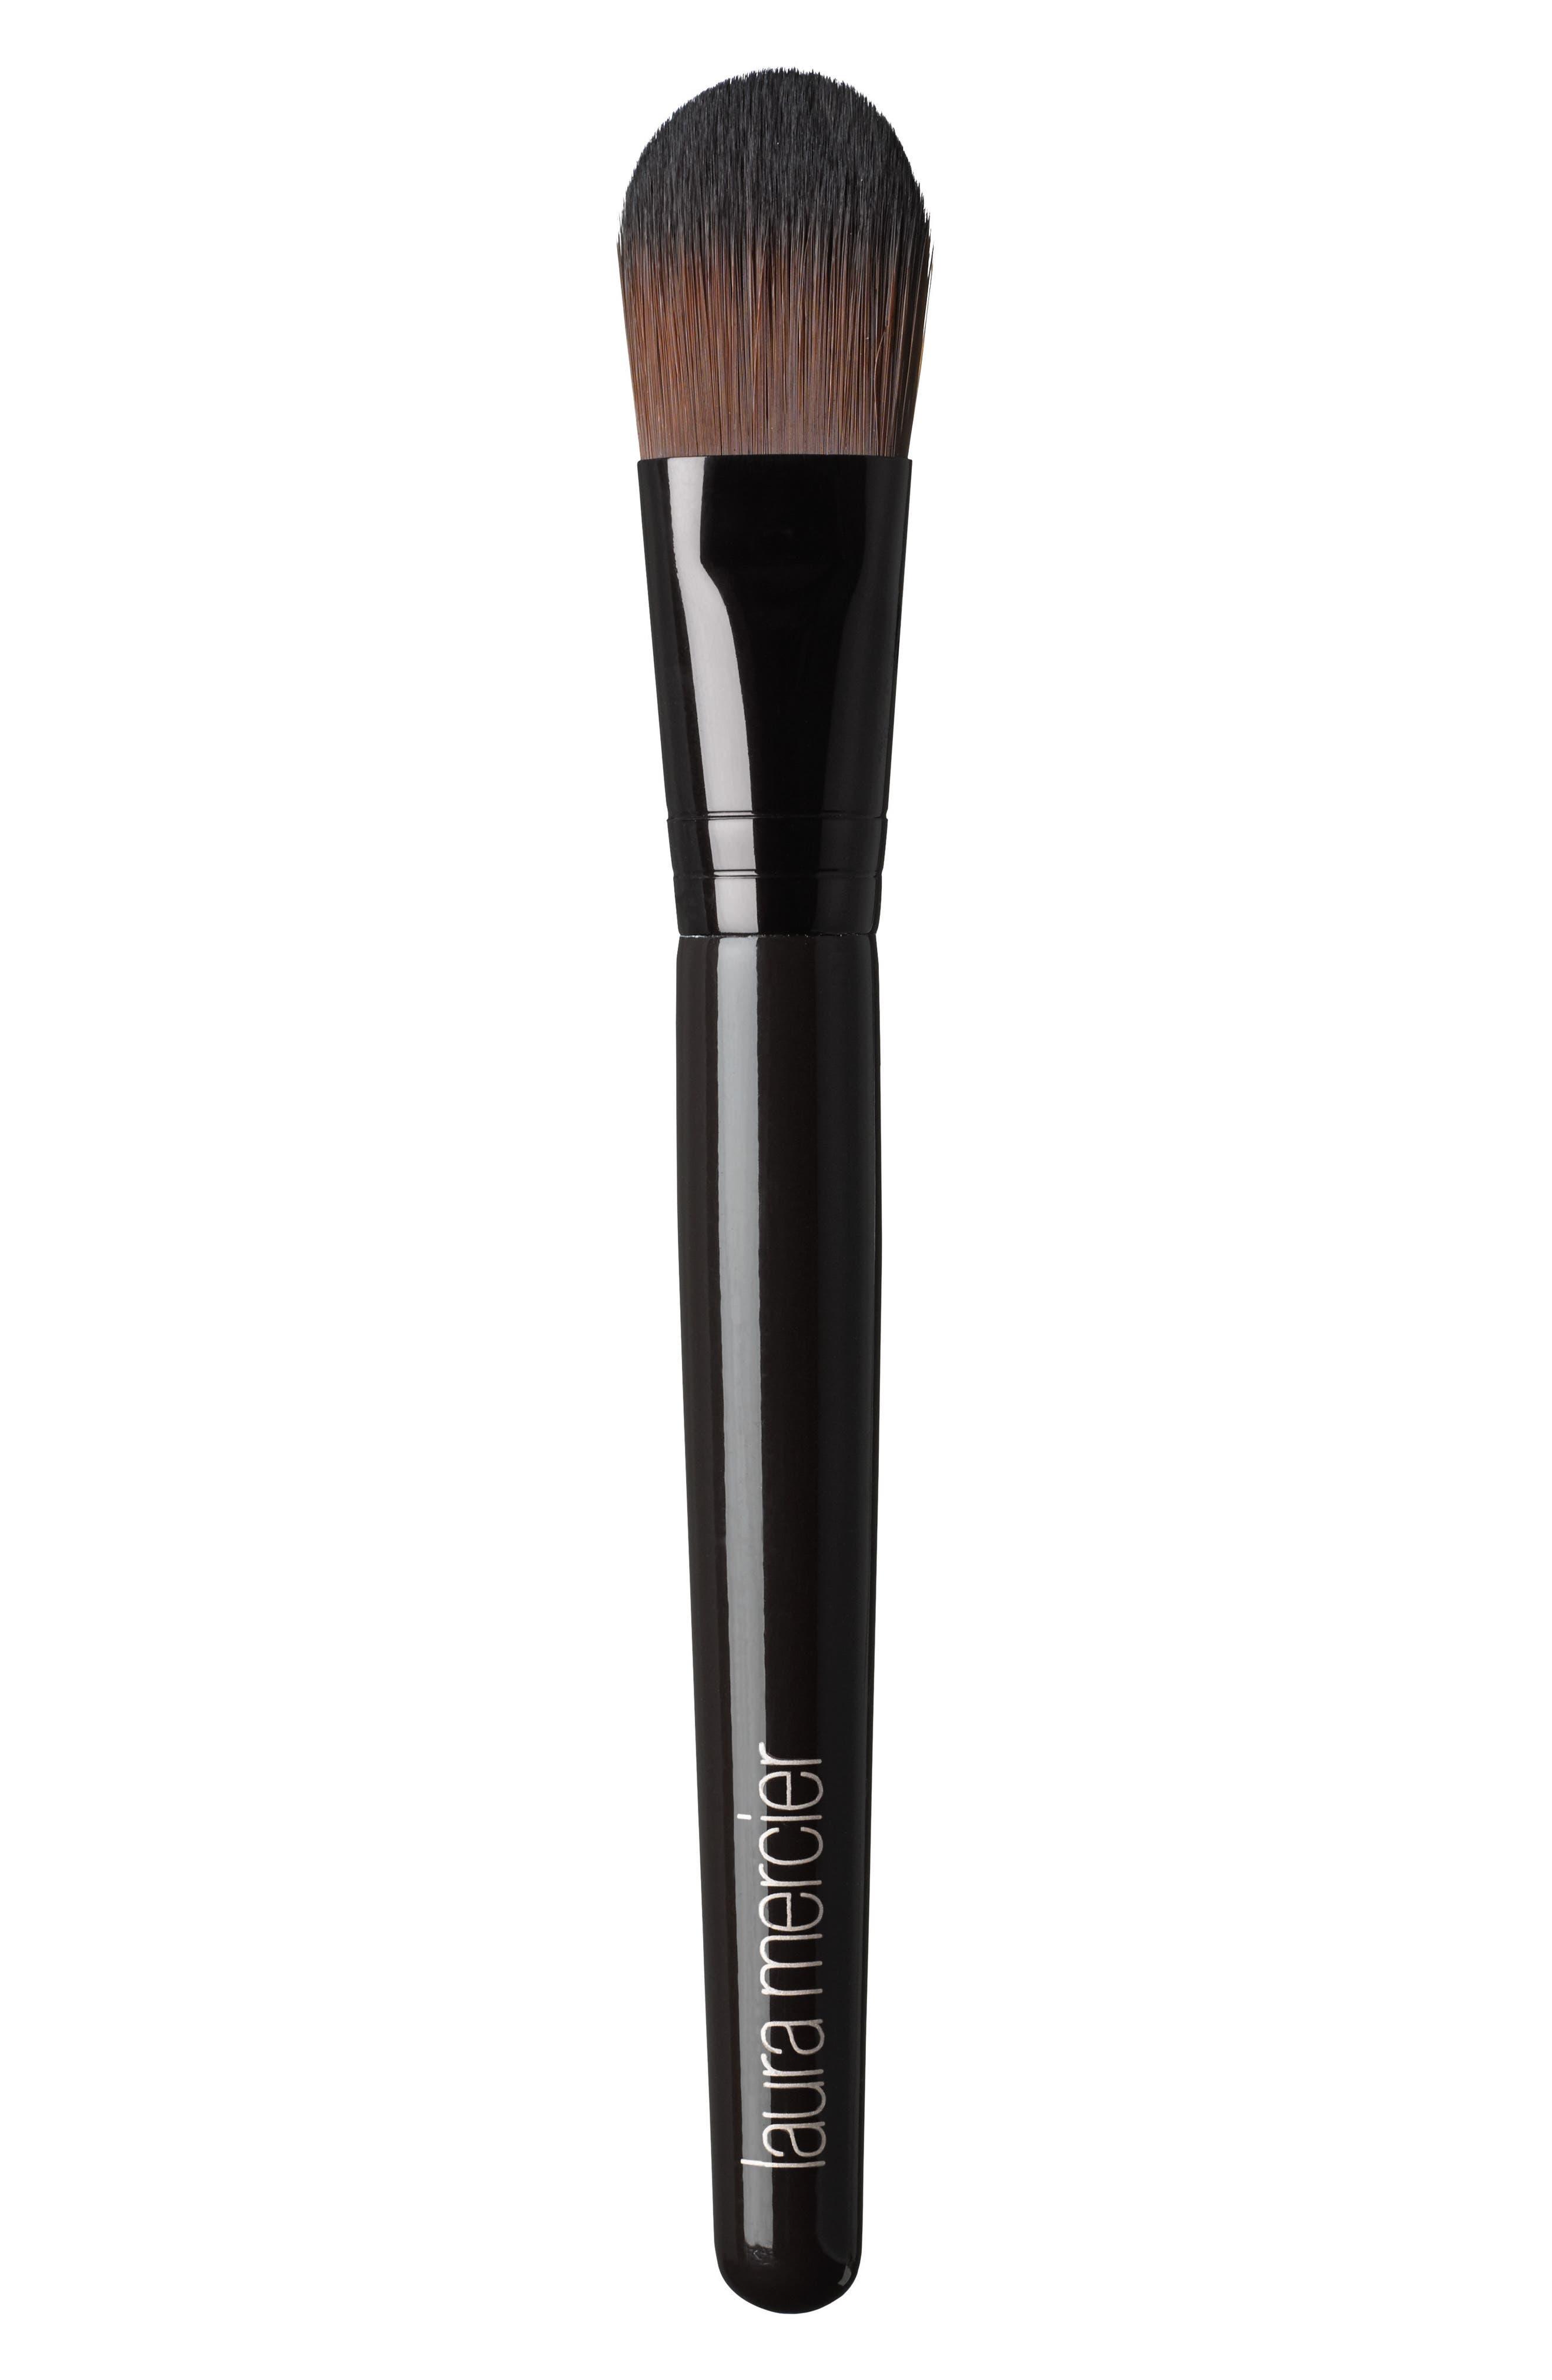 Crème Cheek Color Brush,                             Main thumbnail 1, color,                             NO COLOR